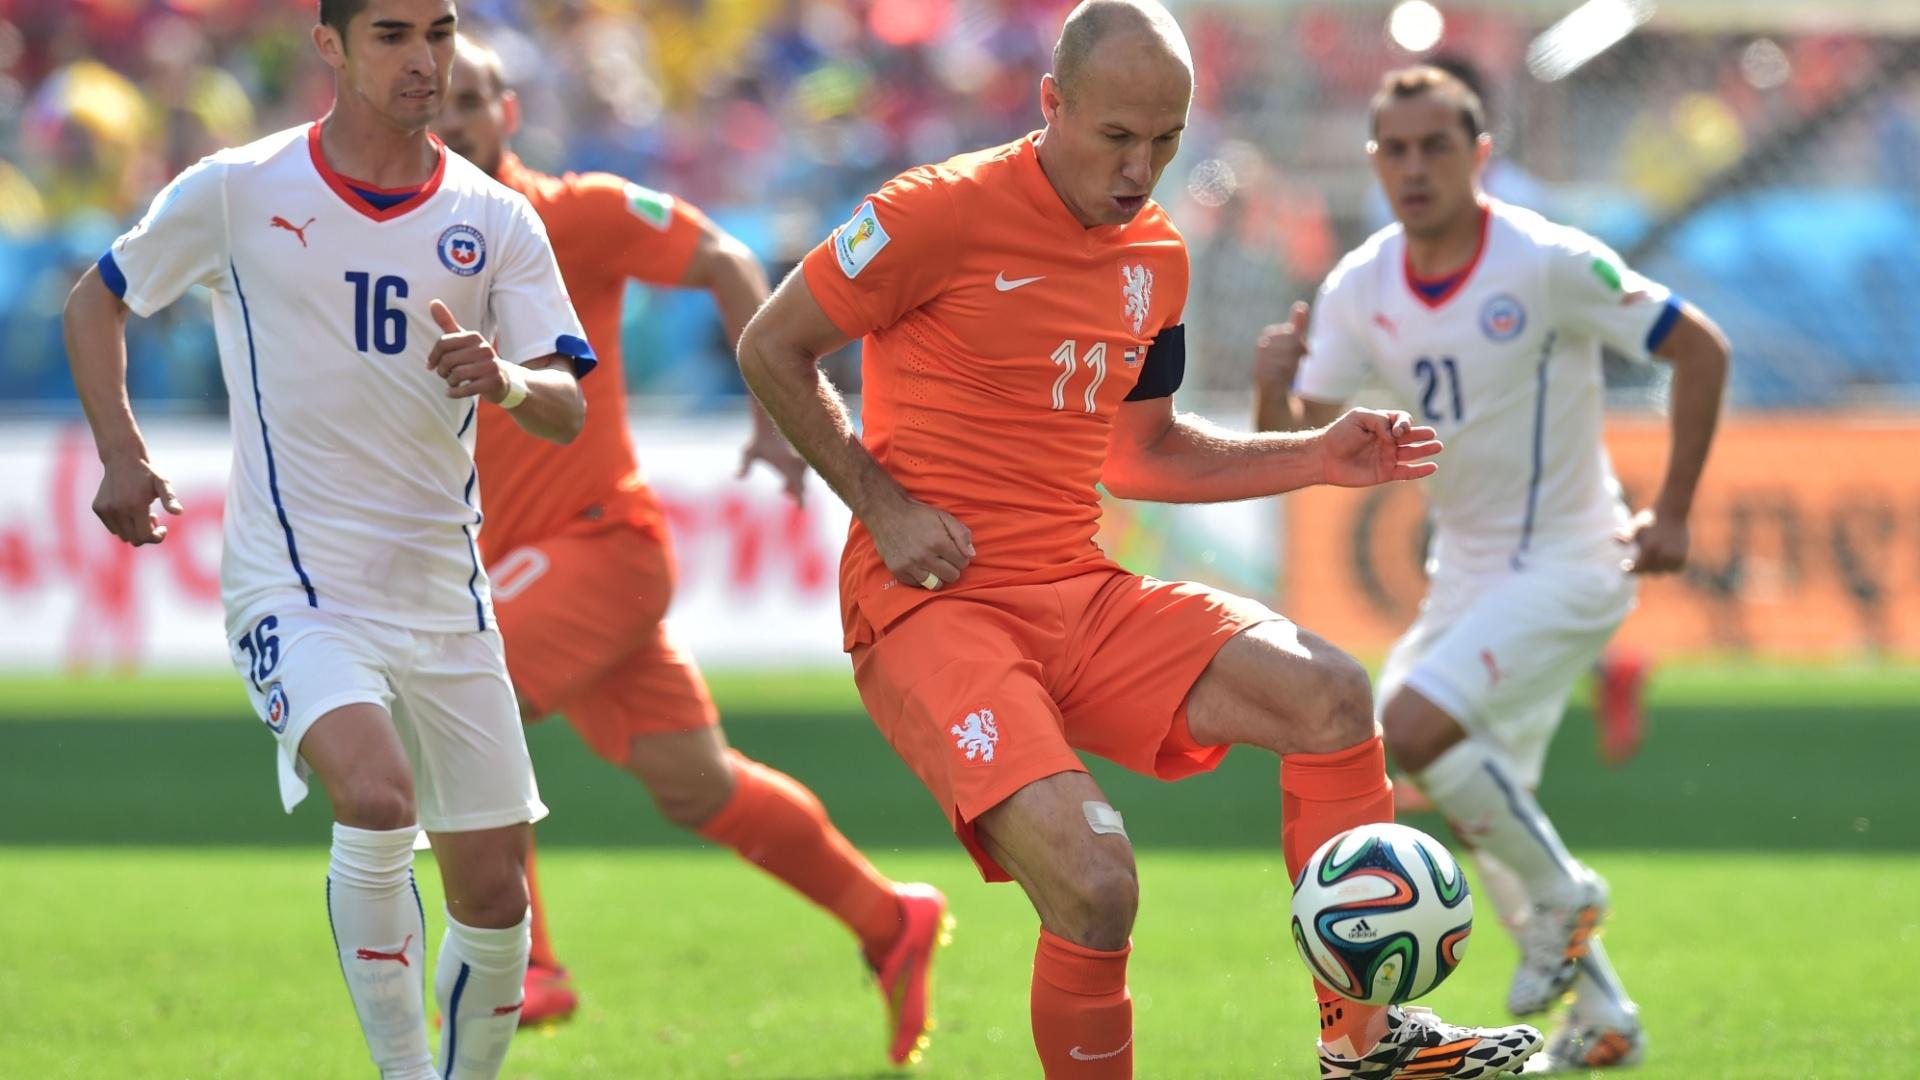 Arjen Robben tenta fazer o passe diante da marcação de Felipe Gutierrez na partida entre Chile e Holanda